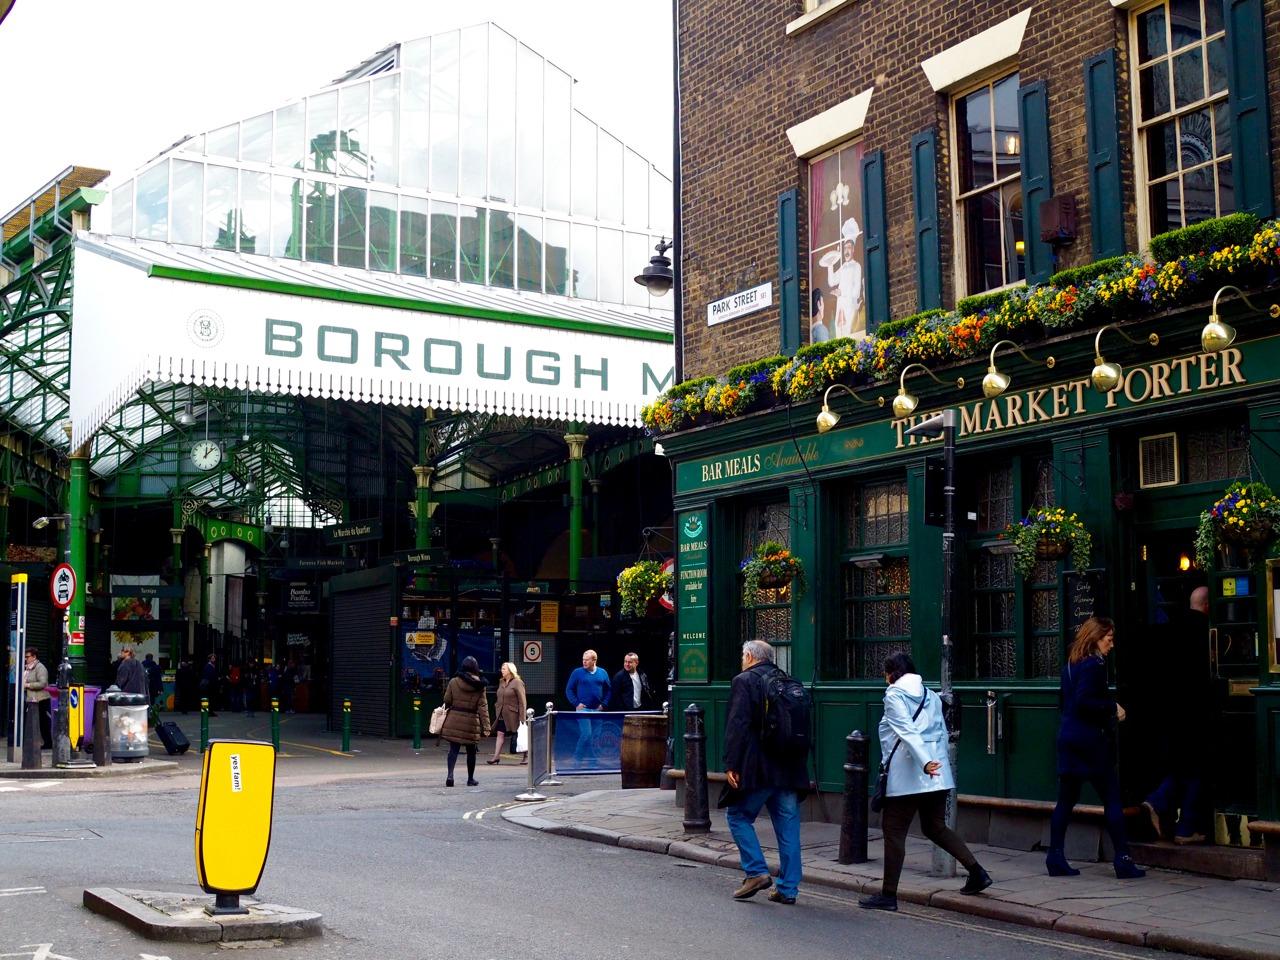 photos of borough market